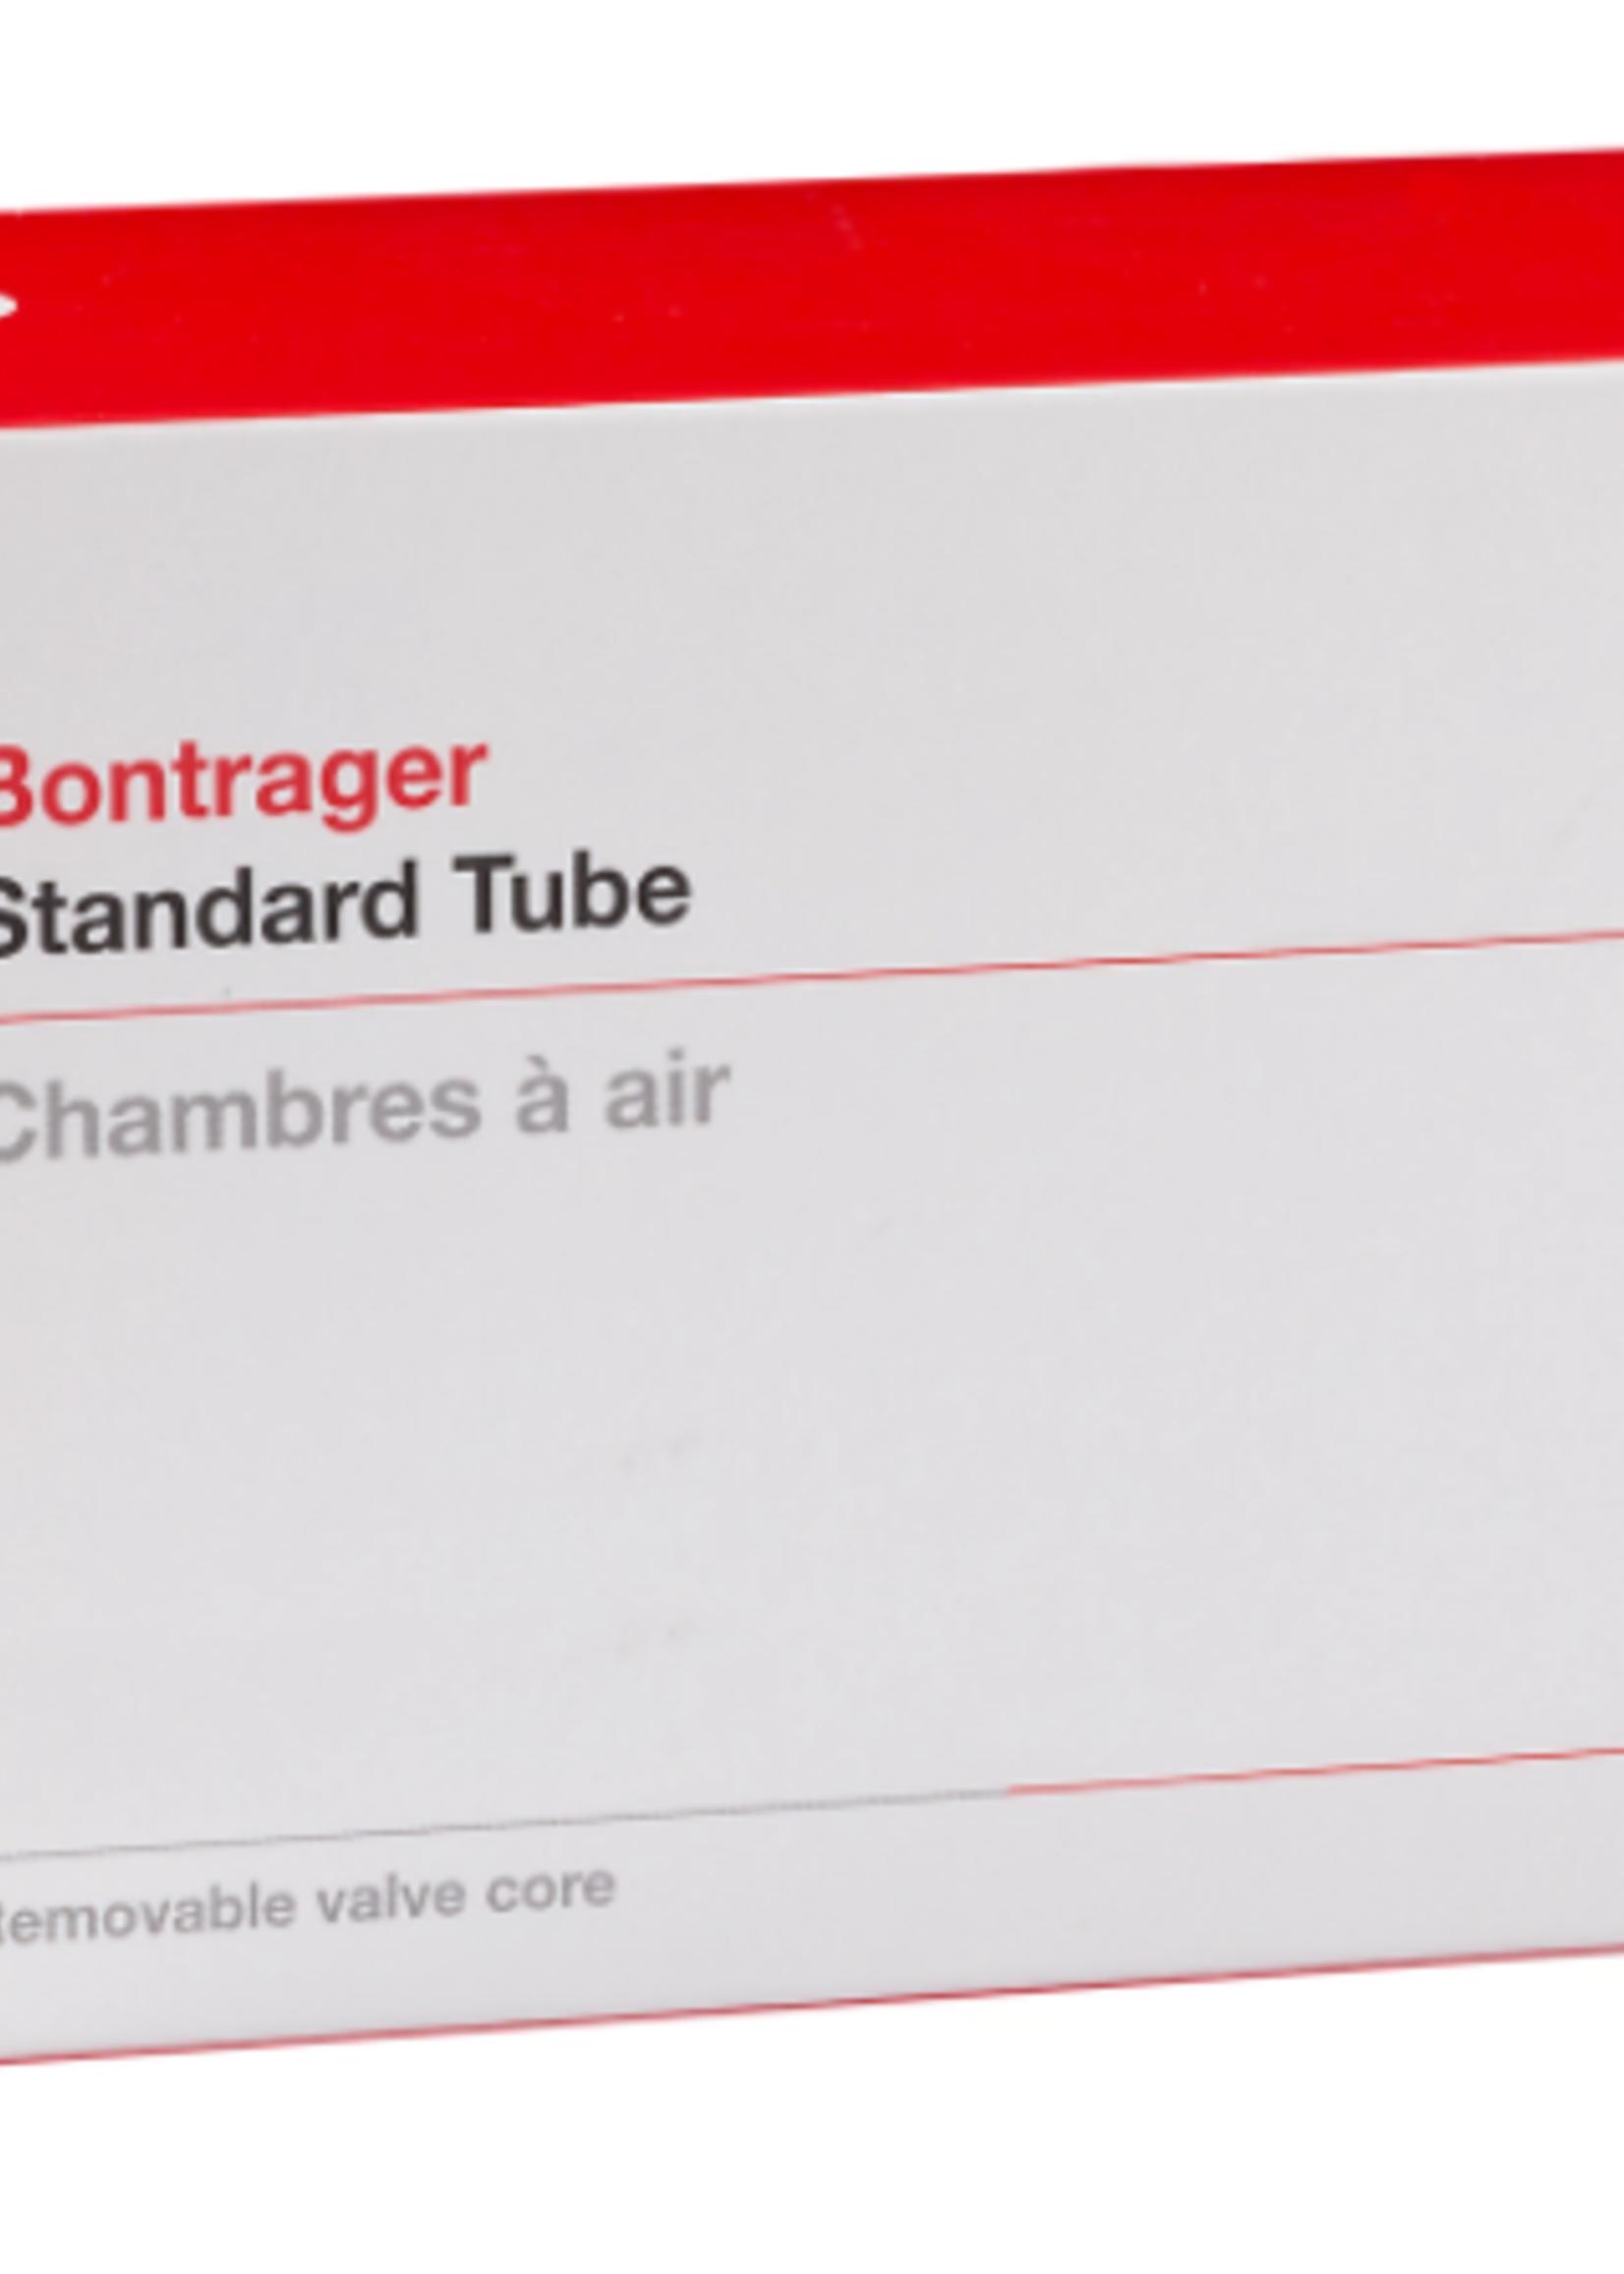 Bontrager Tube Bontrager Standard 24X1.5-2.125 Schrader Valve